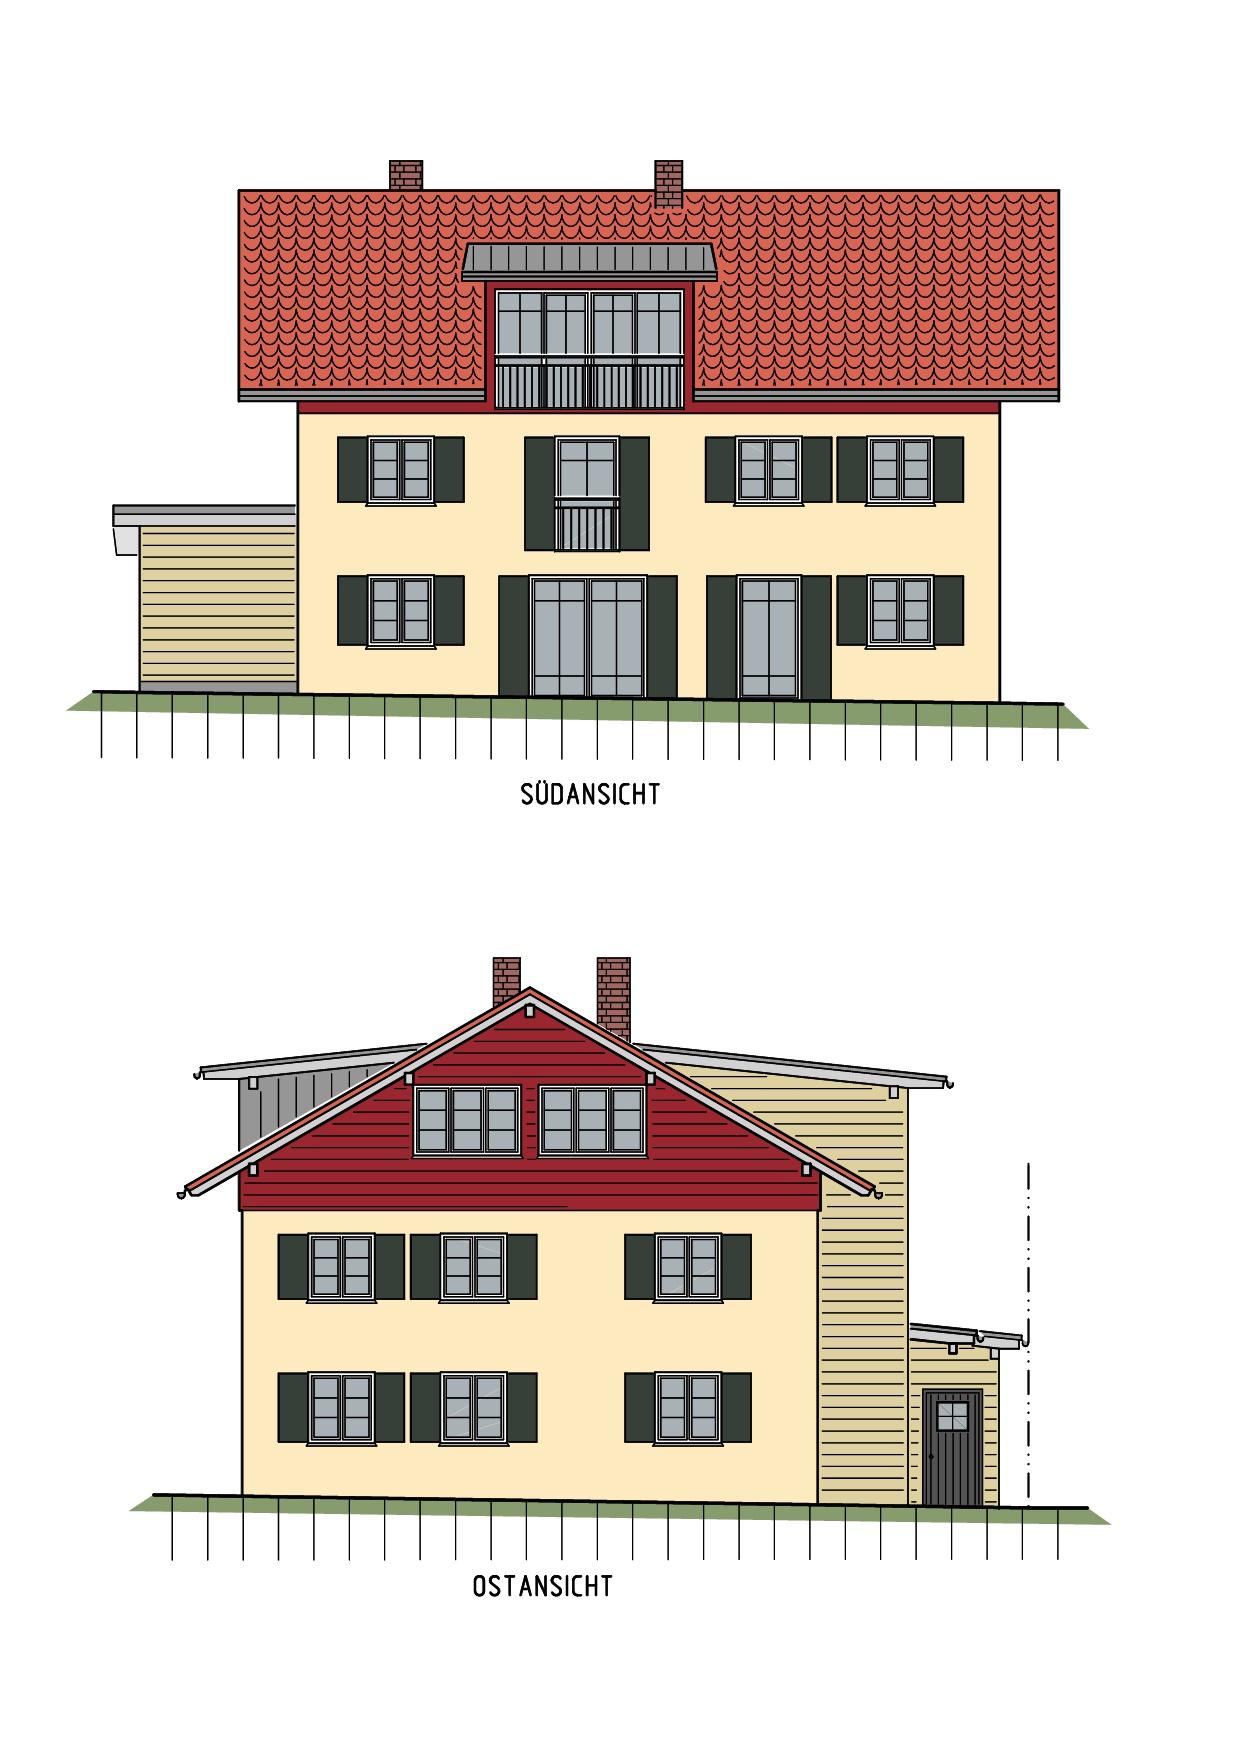 Visualisierung, Seitenansicht, Umbau und energetische Sanierung MFH in Grünenbach